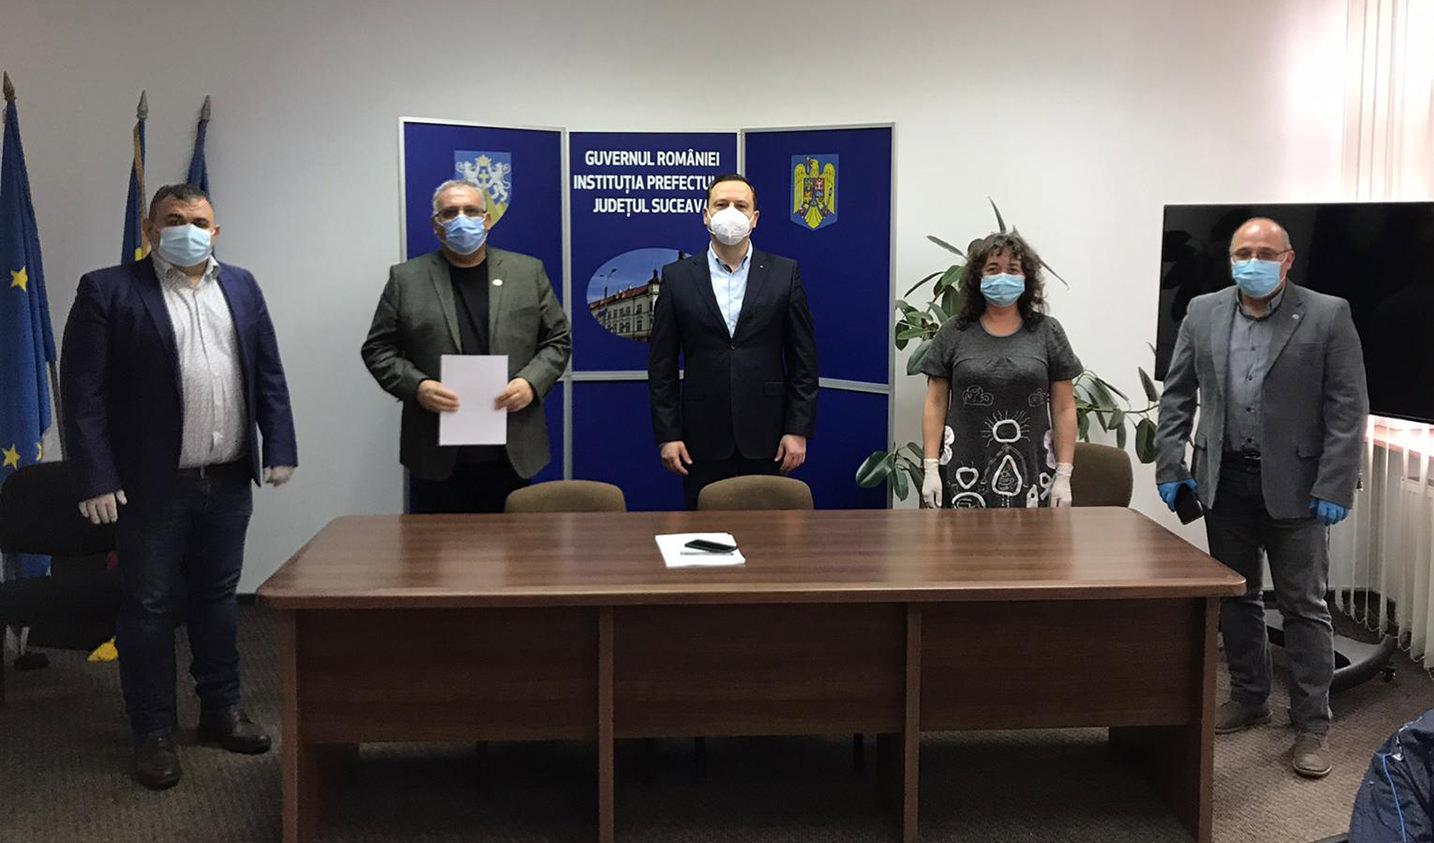 CNSLR-FRĂȚIA, filiala Suceava, a solicitat prefectului întrunirea Comisiei Județene de Dialog Social